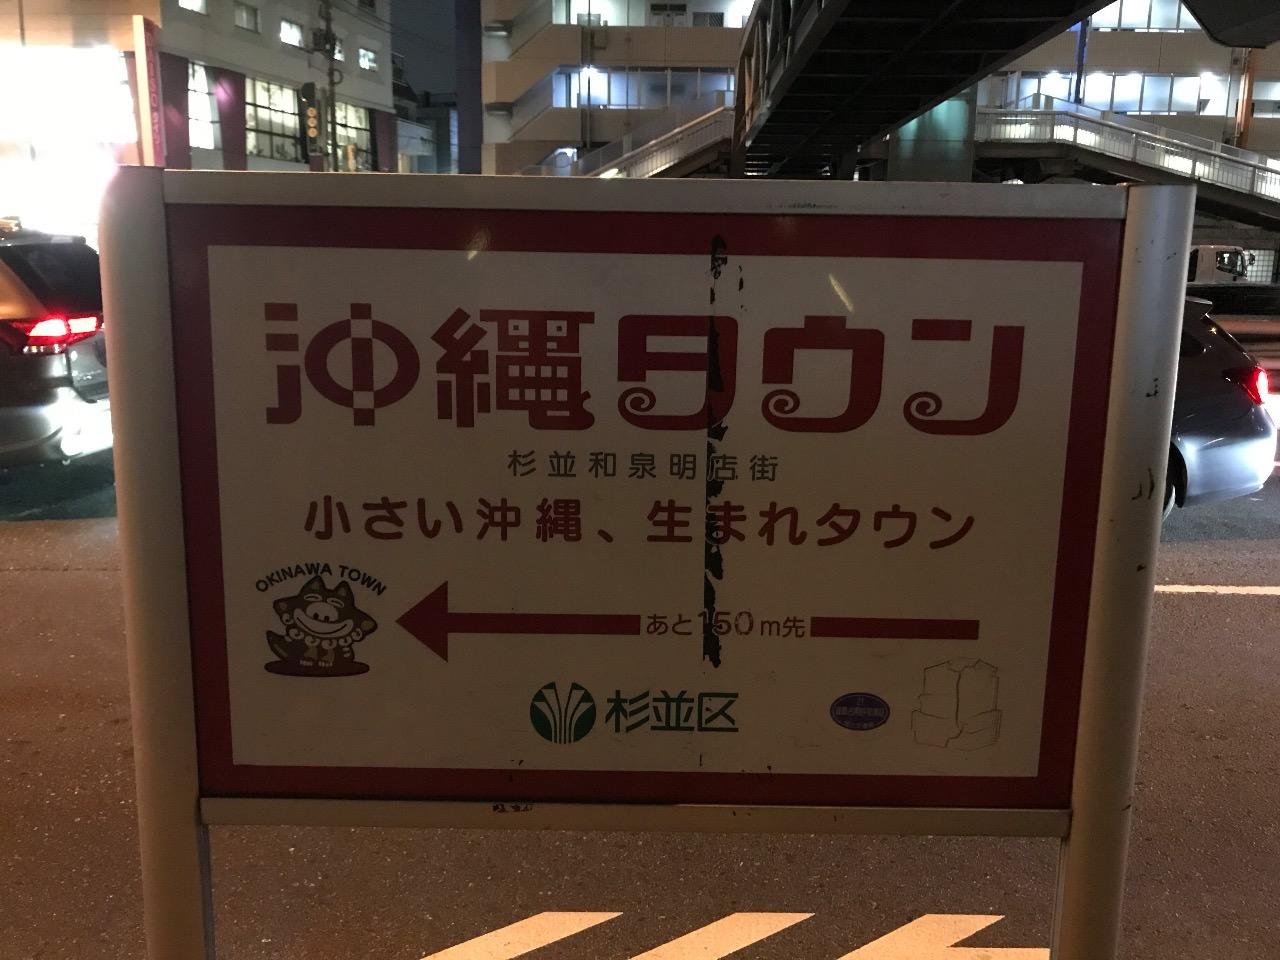 沖縄タウン